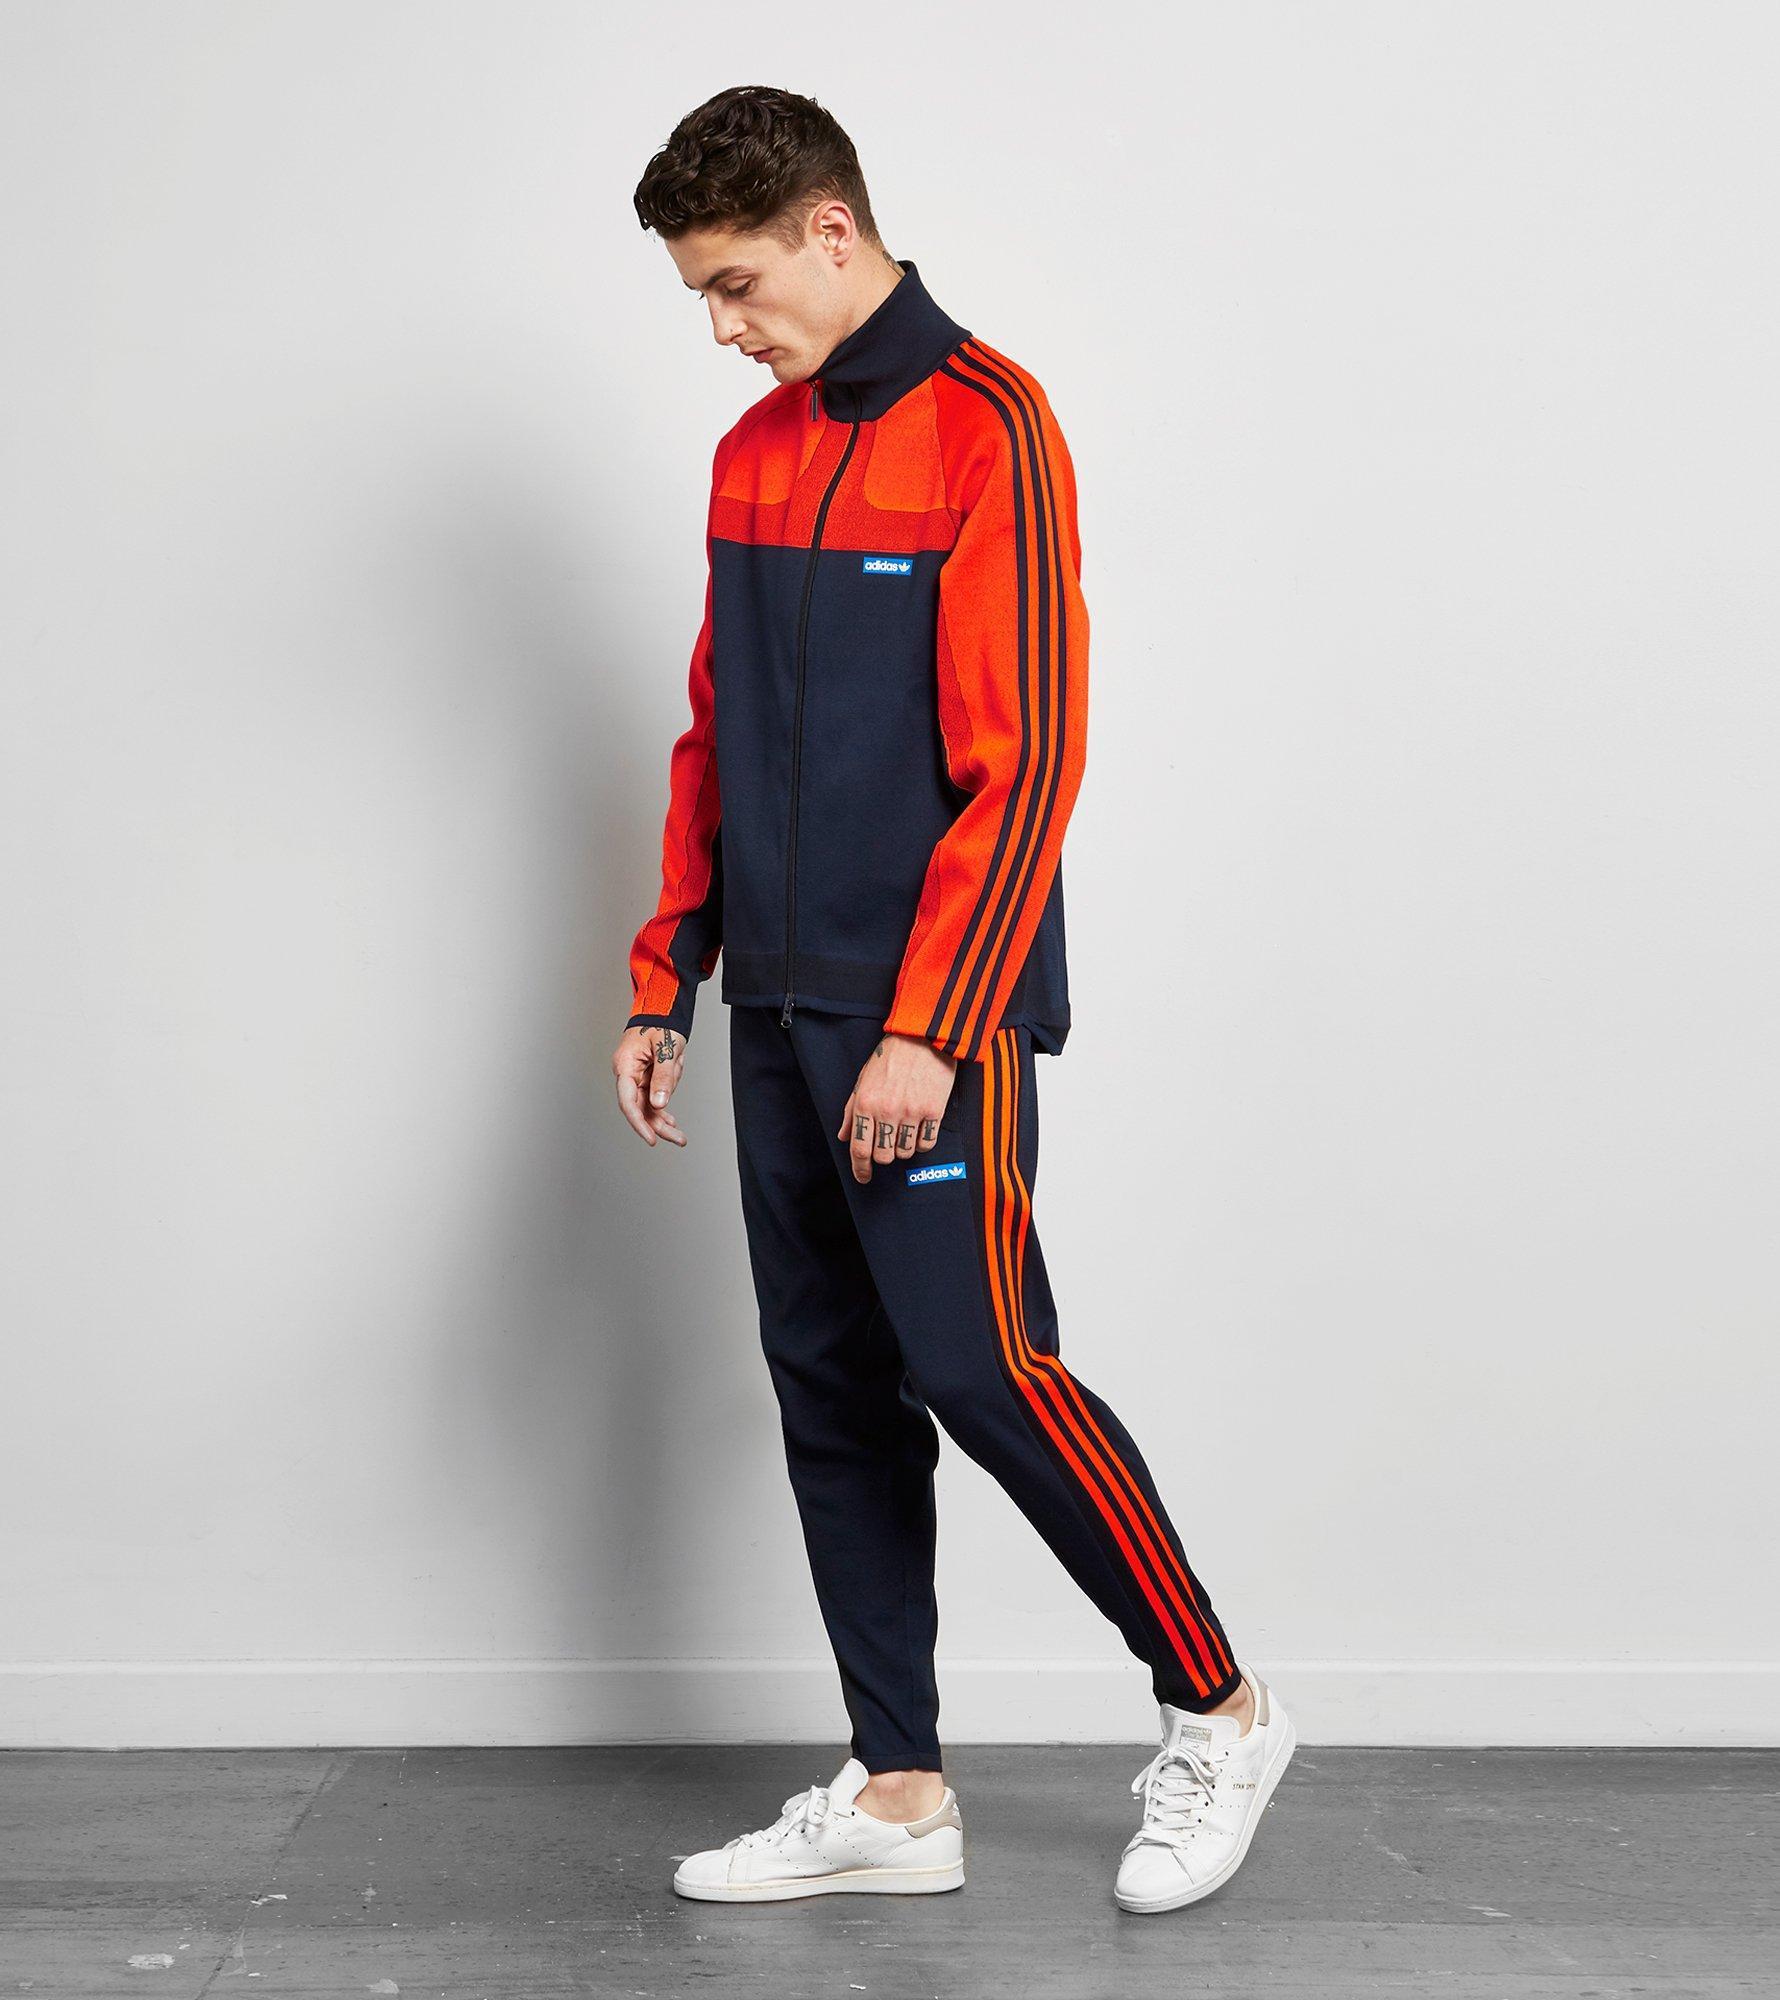 a0efe3da3fe3 Lyst - adidas Originals Og Primeknit Tracksuit in Blue for Men